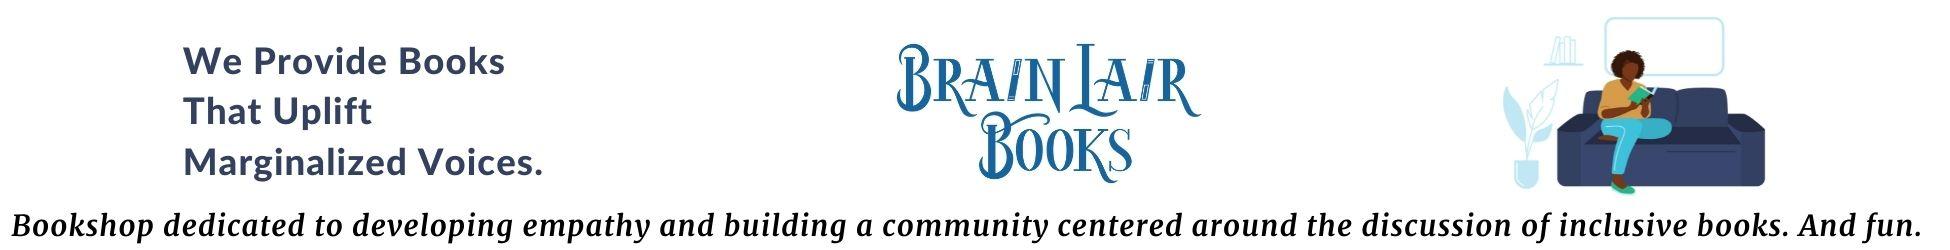 Brain Lair Books